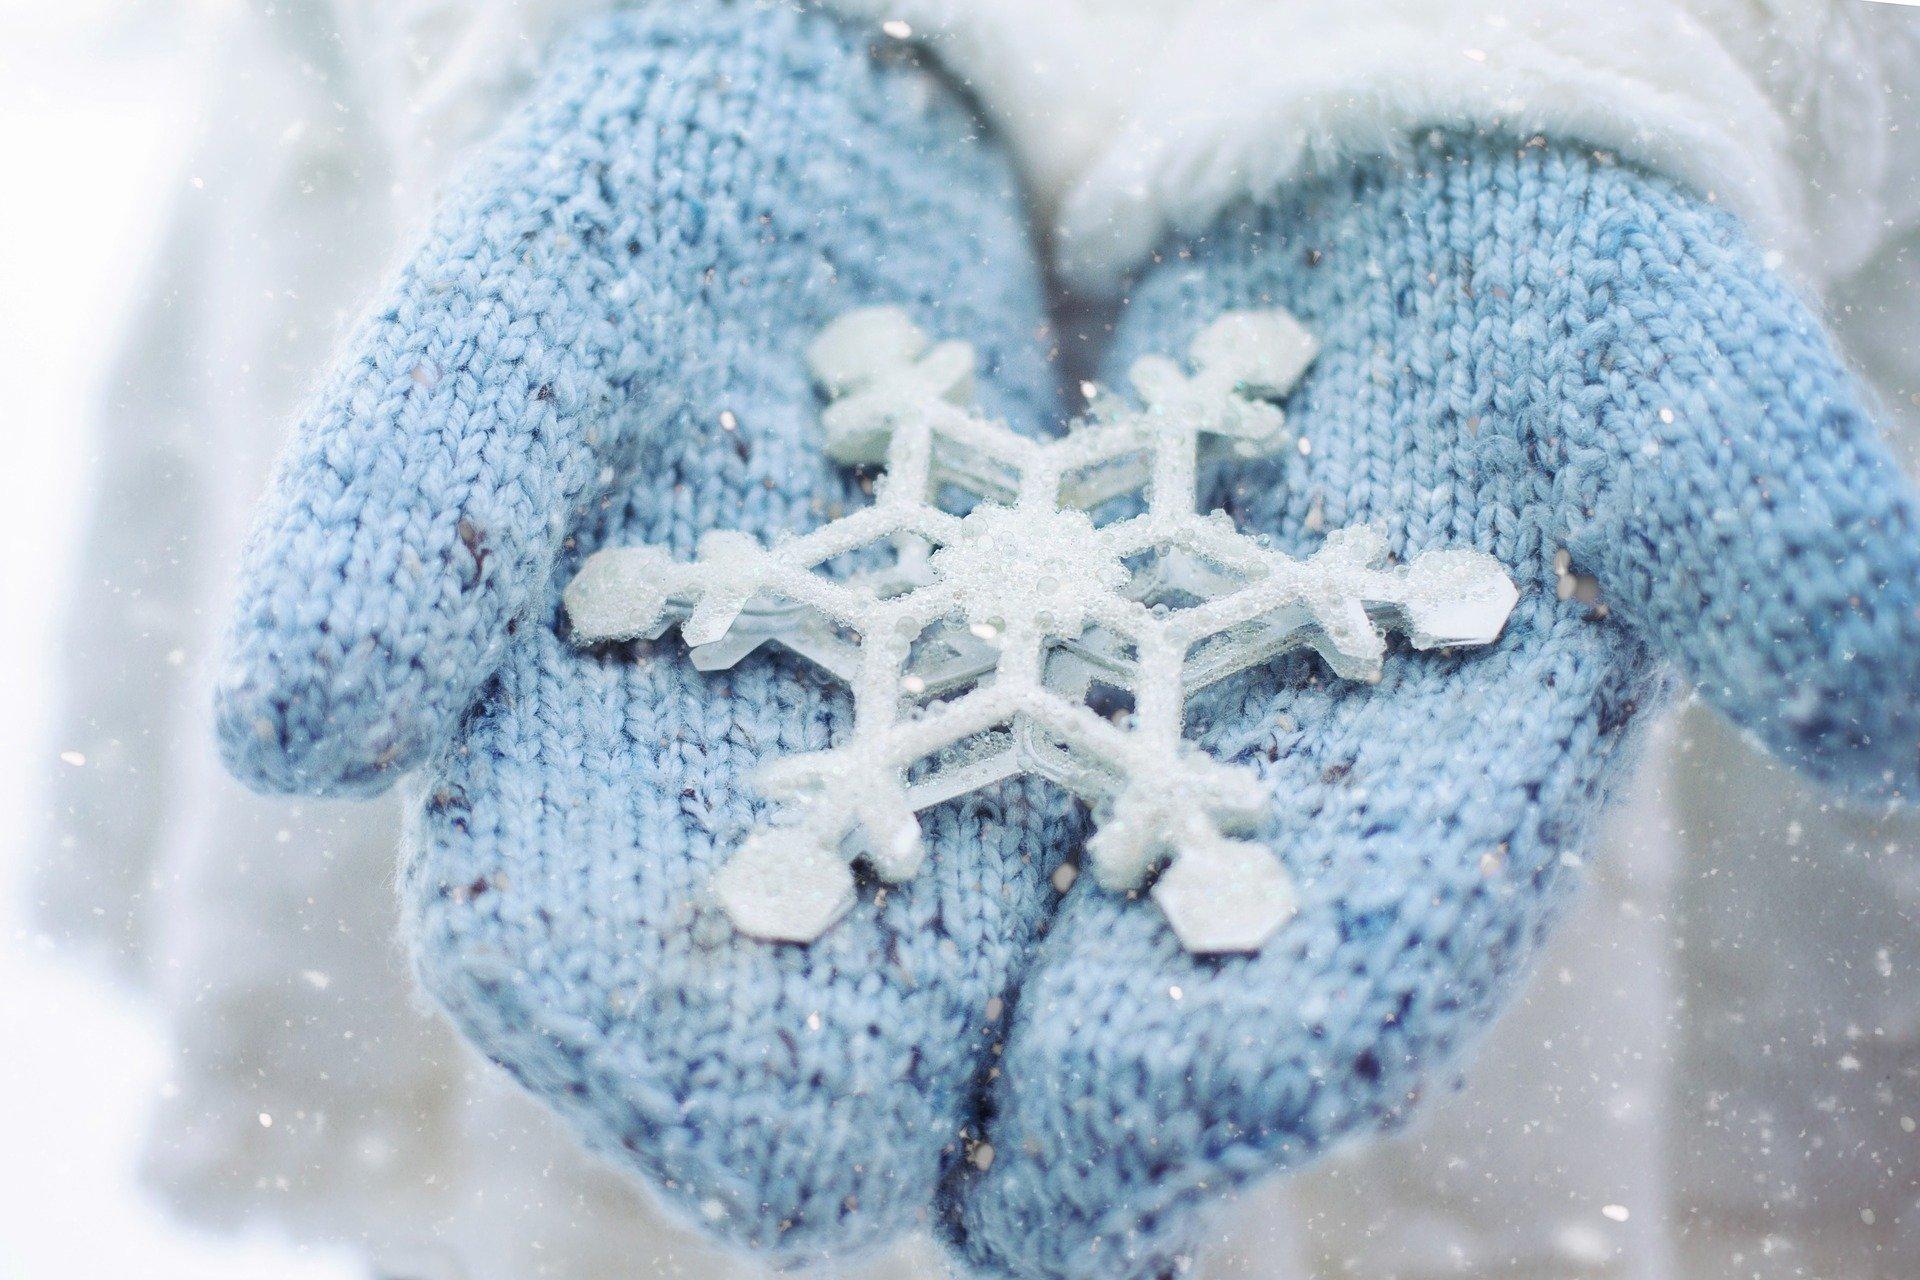 pada śnieg, czyli czas ruszyć cztery litery